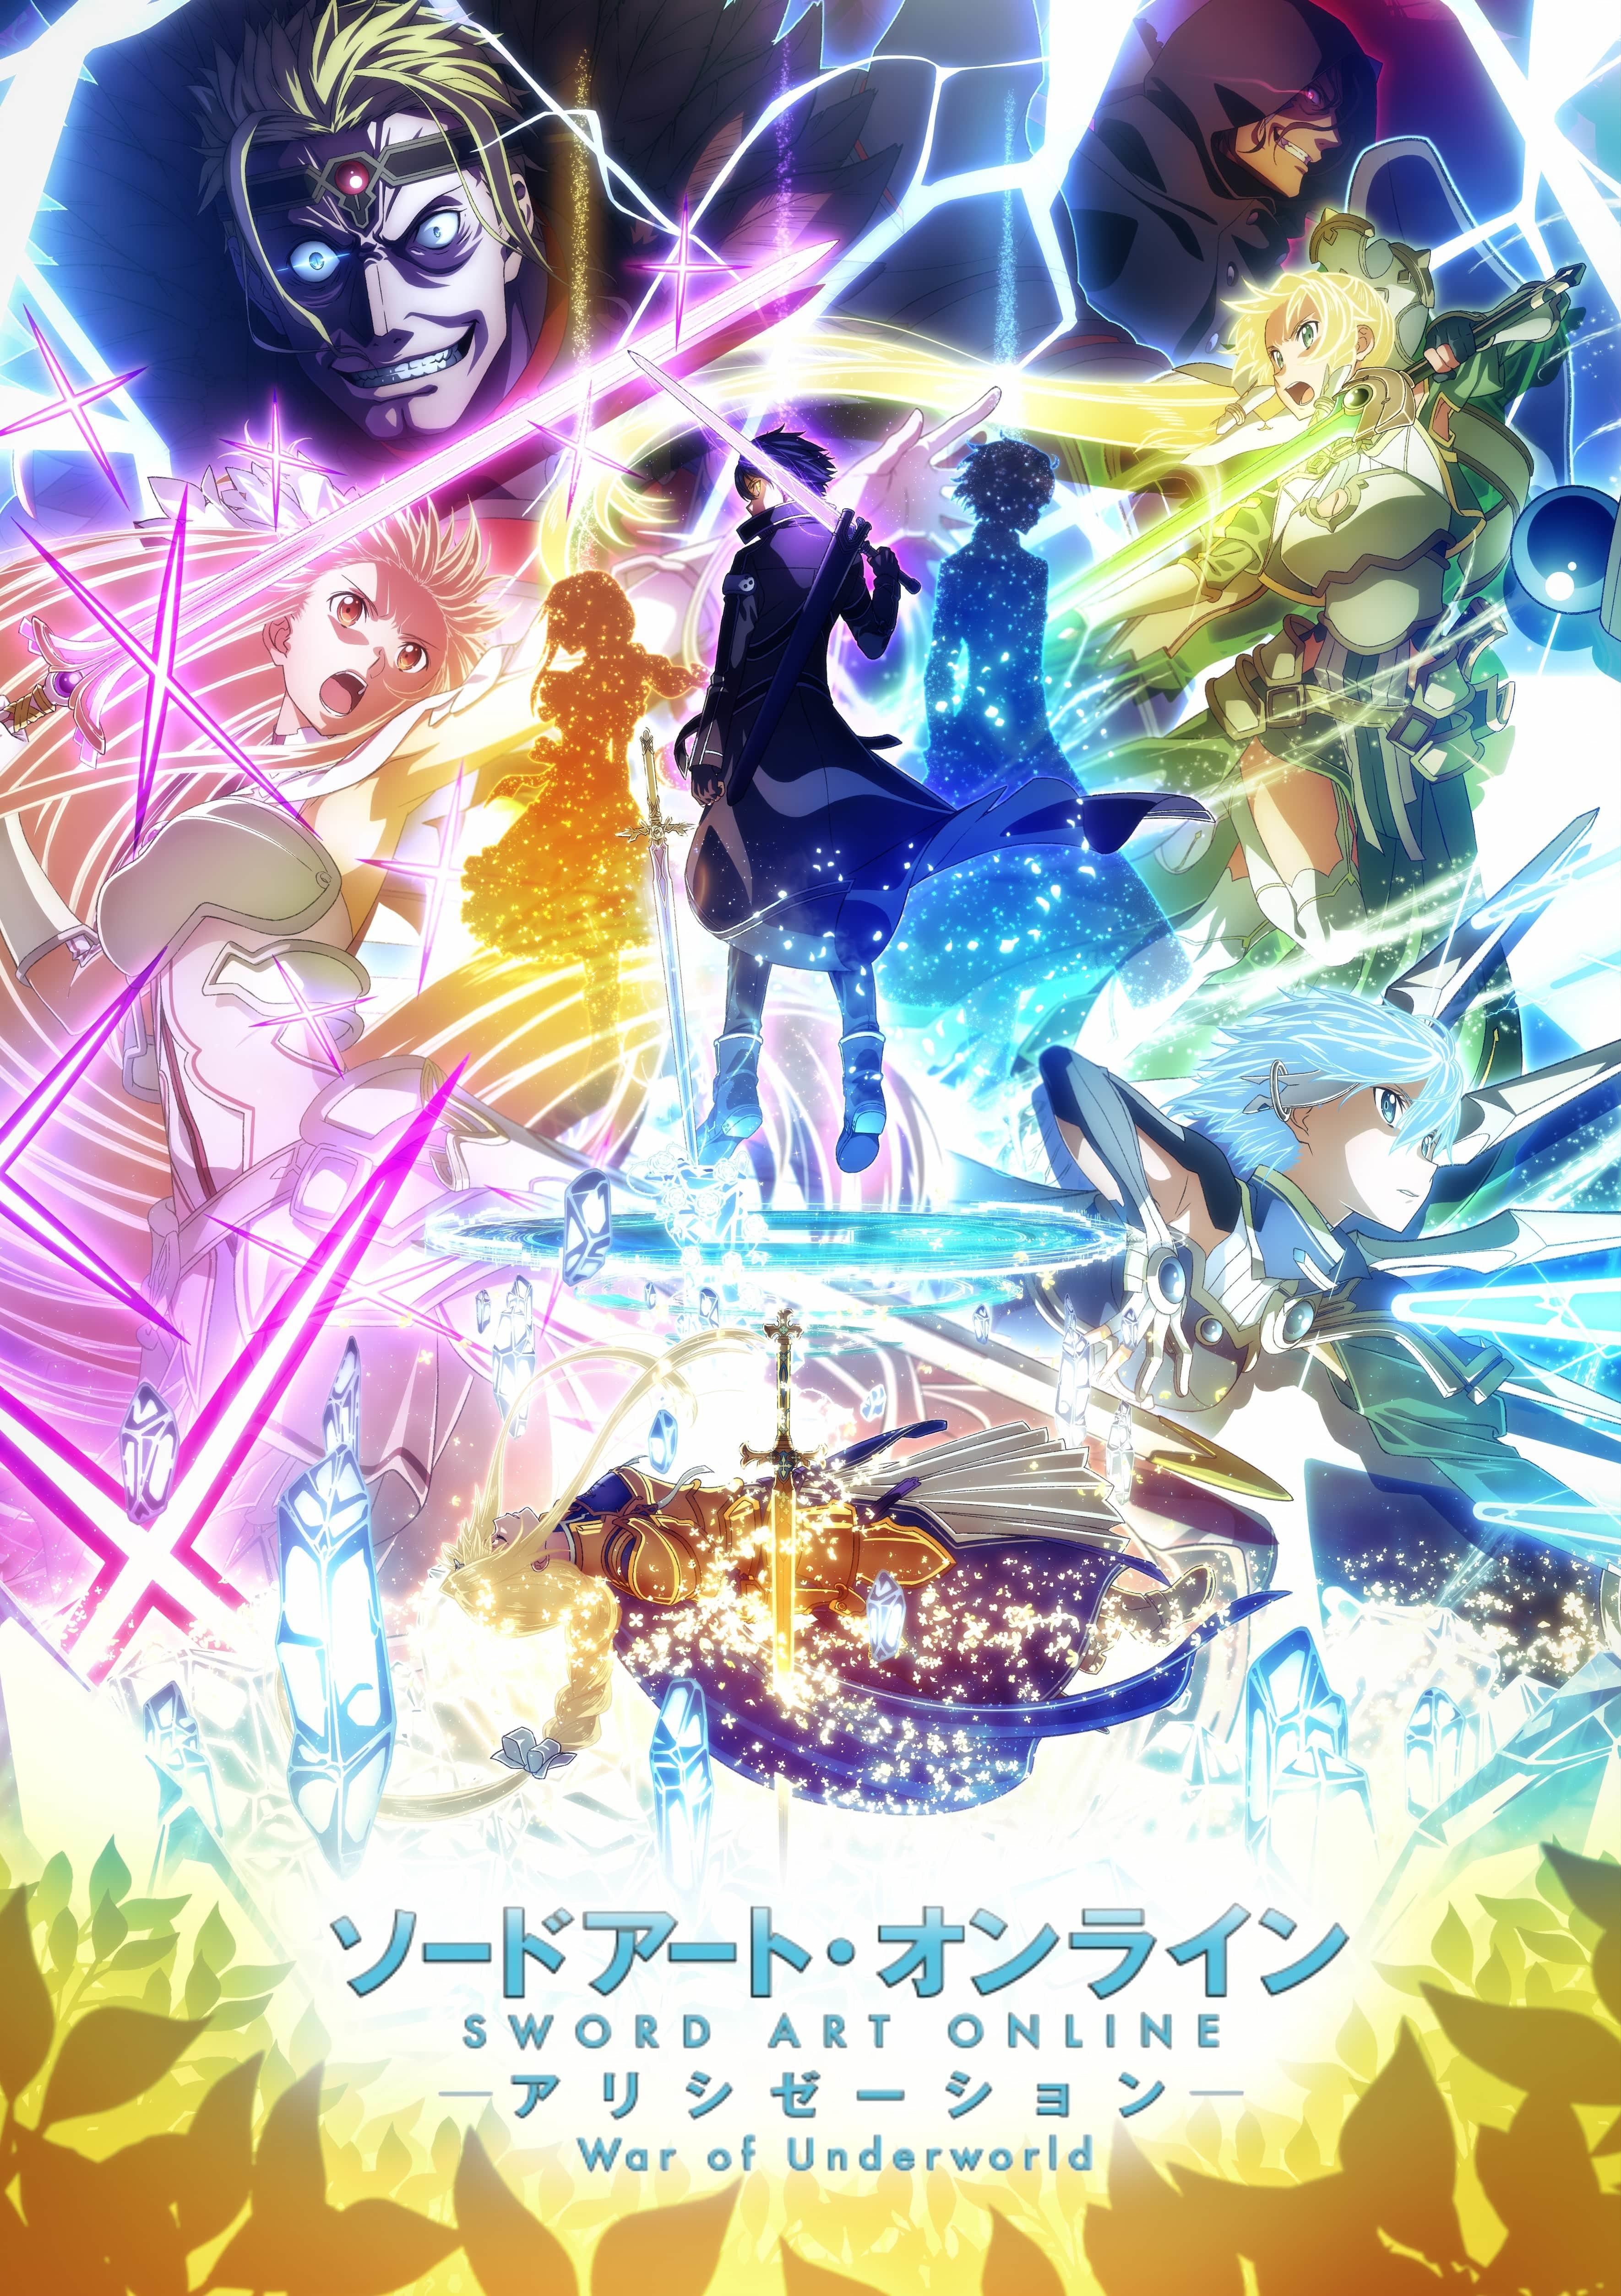 TVアニメ「ソードアート・オンライン アリシゼーション War of Underworld」 (C)2017 川原 礫/KADOKAWA アスキー・メディアワークス/SAO-A Project